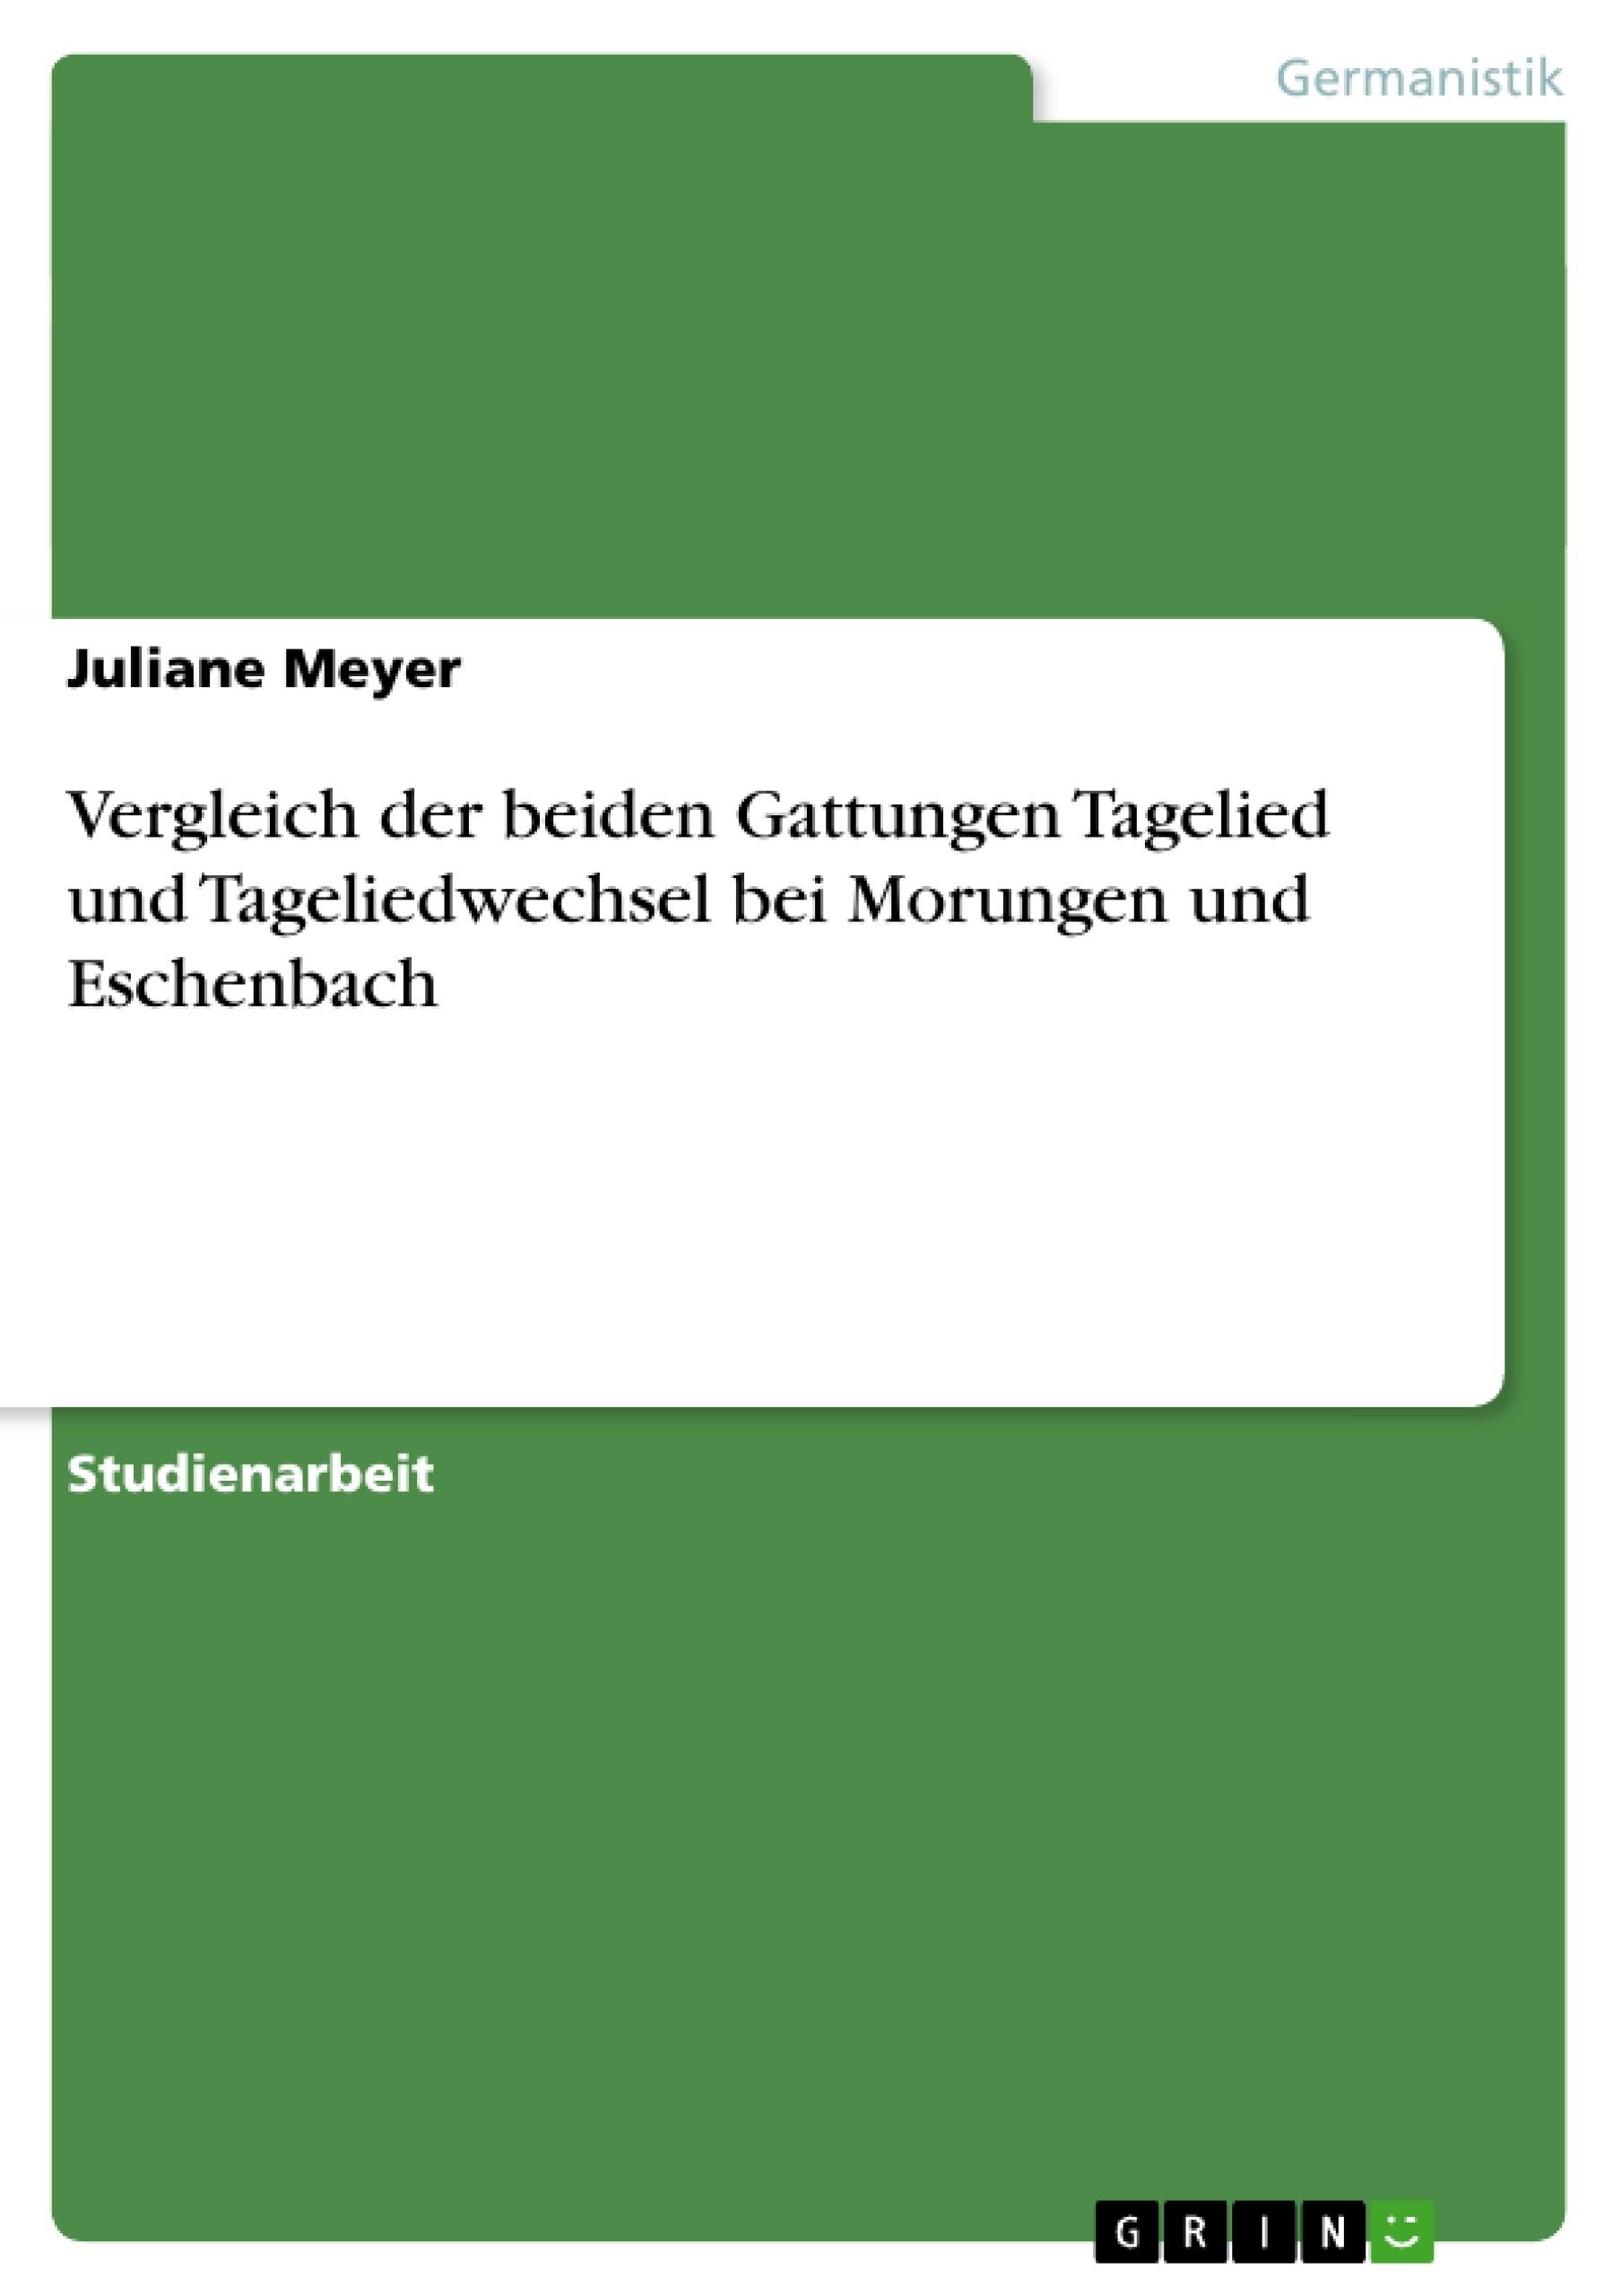 Titel: Vergleich der beiden Gattungen Tagelied und Tageliedwechsel bei Morungen und Eschenbach